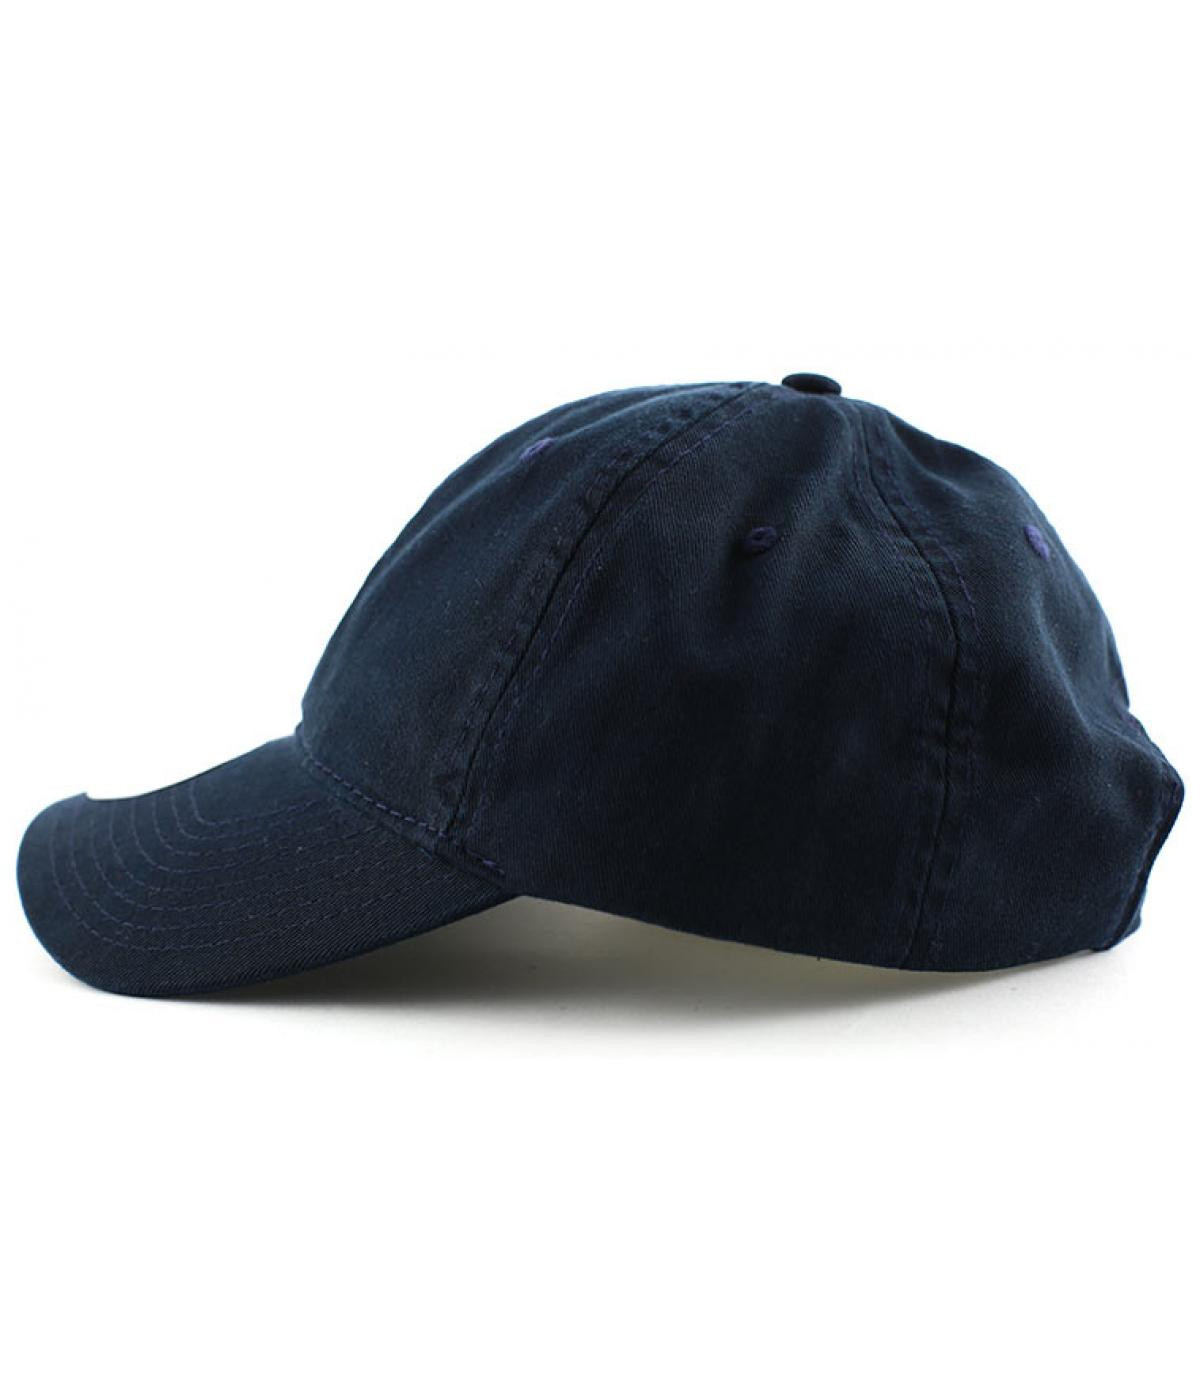 Dettagli Cappellino Wingate navy - image 3